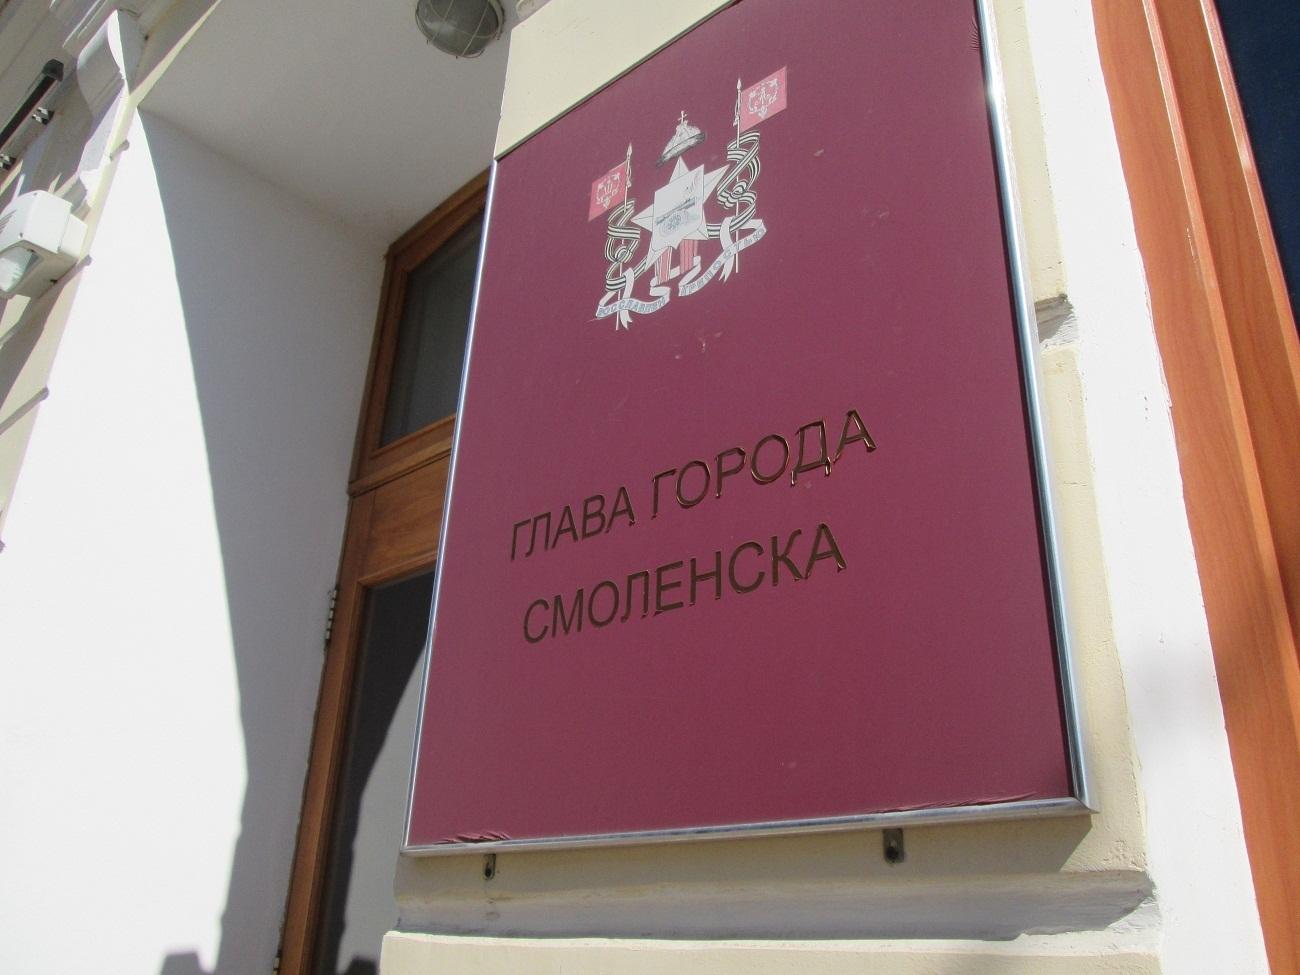 Количество претендентов на пост мэра Смоленска резко снизилось